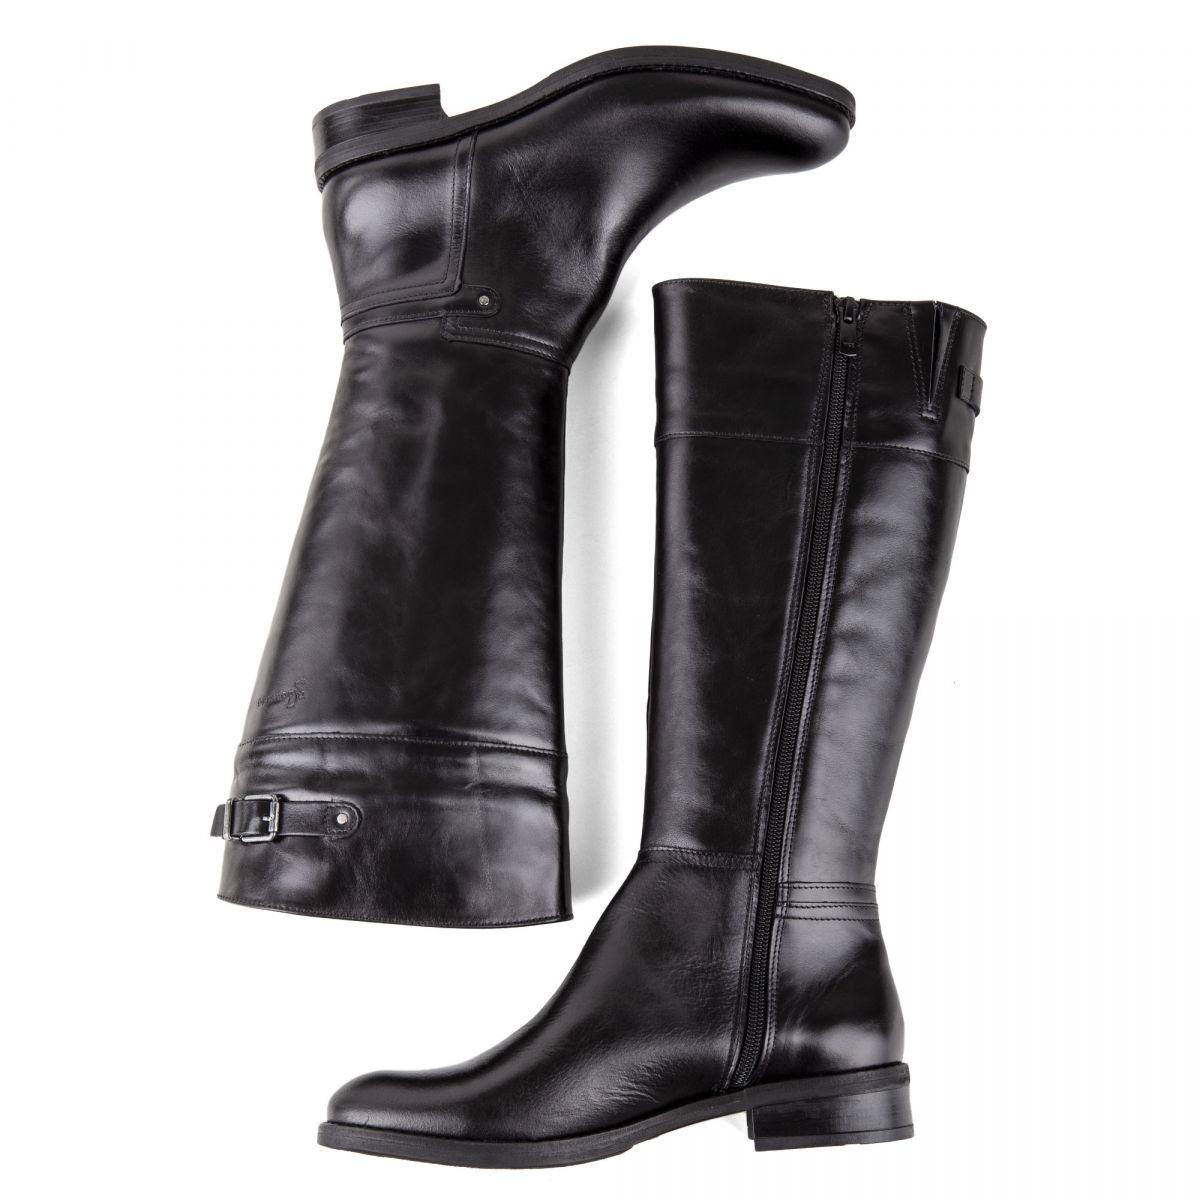 bottes en cuir noir femme d7687 si dorking prix d griff. Black Bedroom Furniture Sets. Home Design Ideas